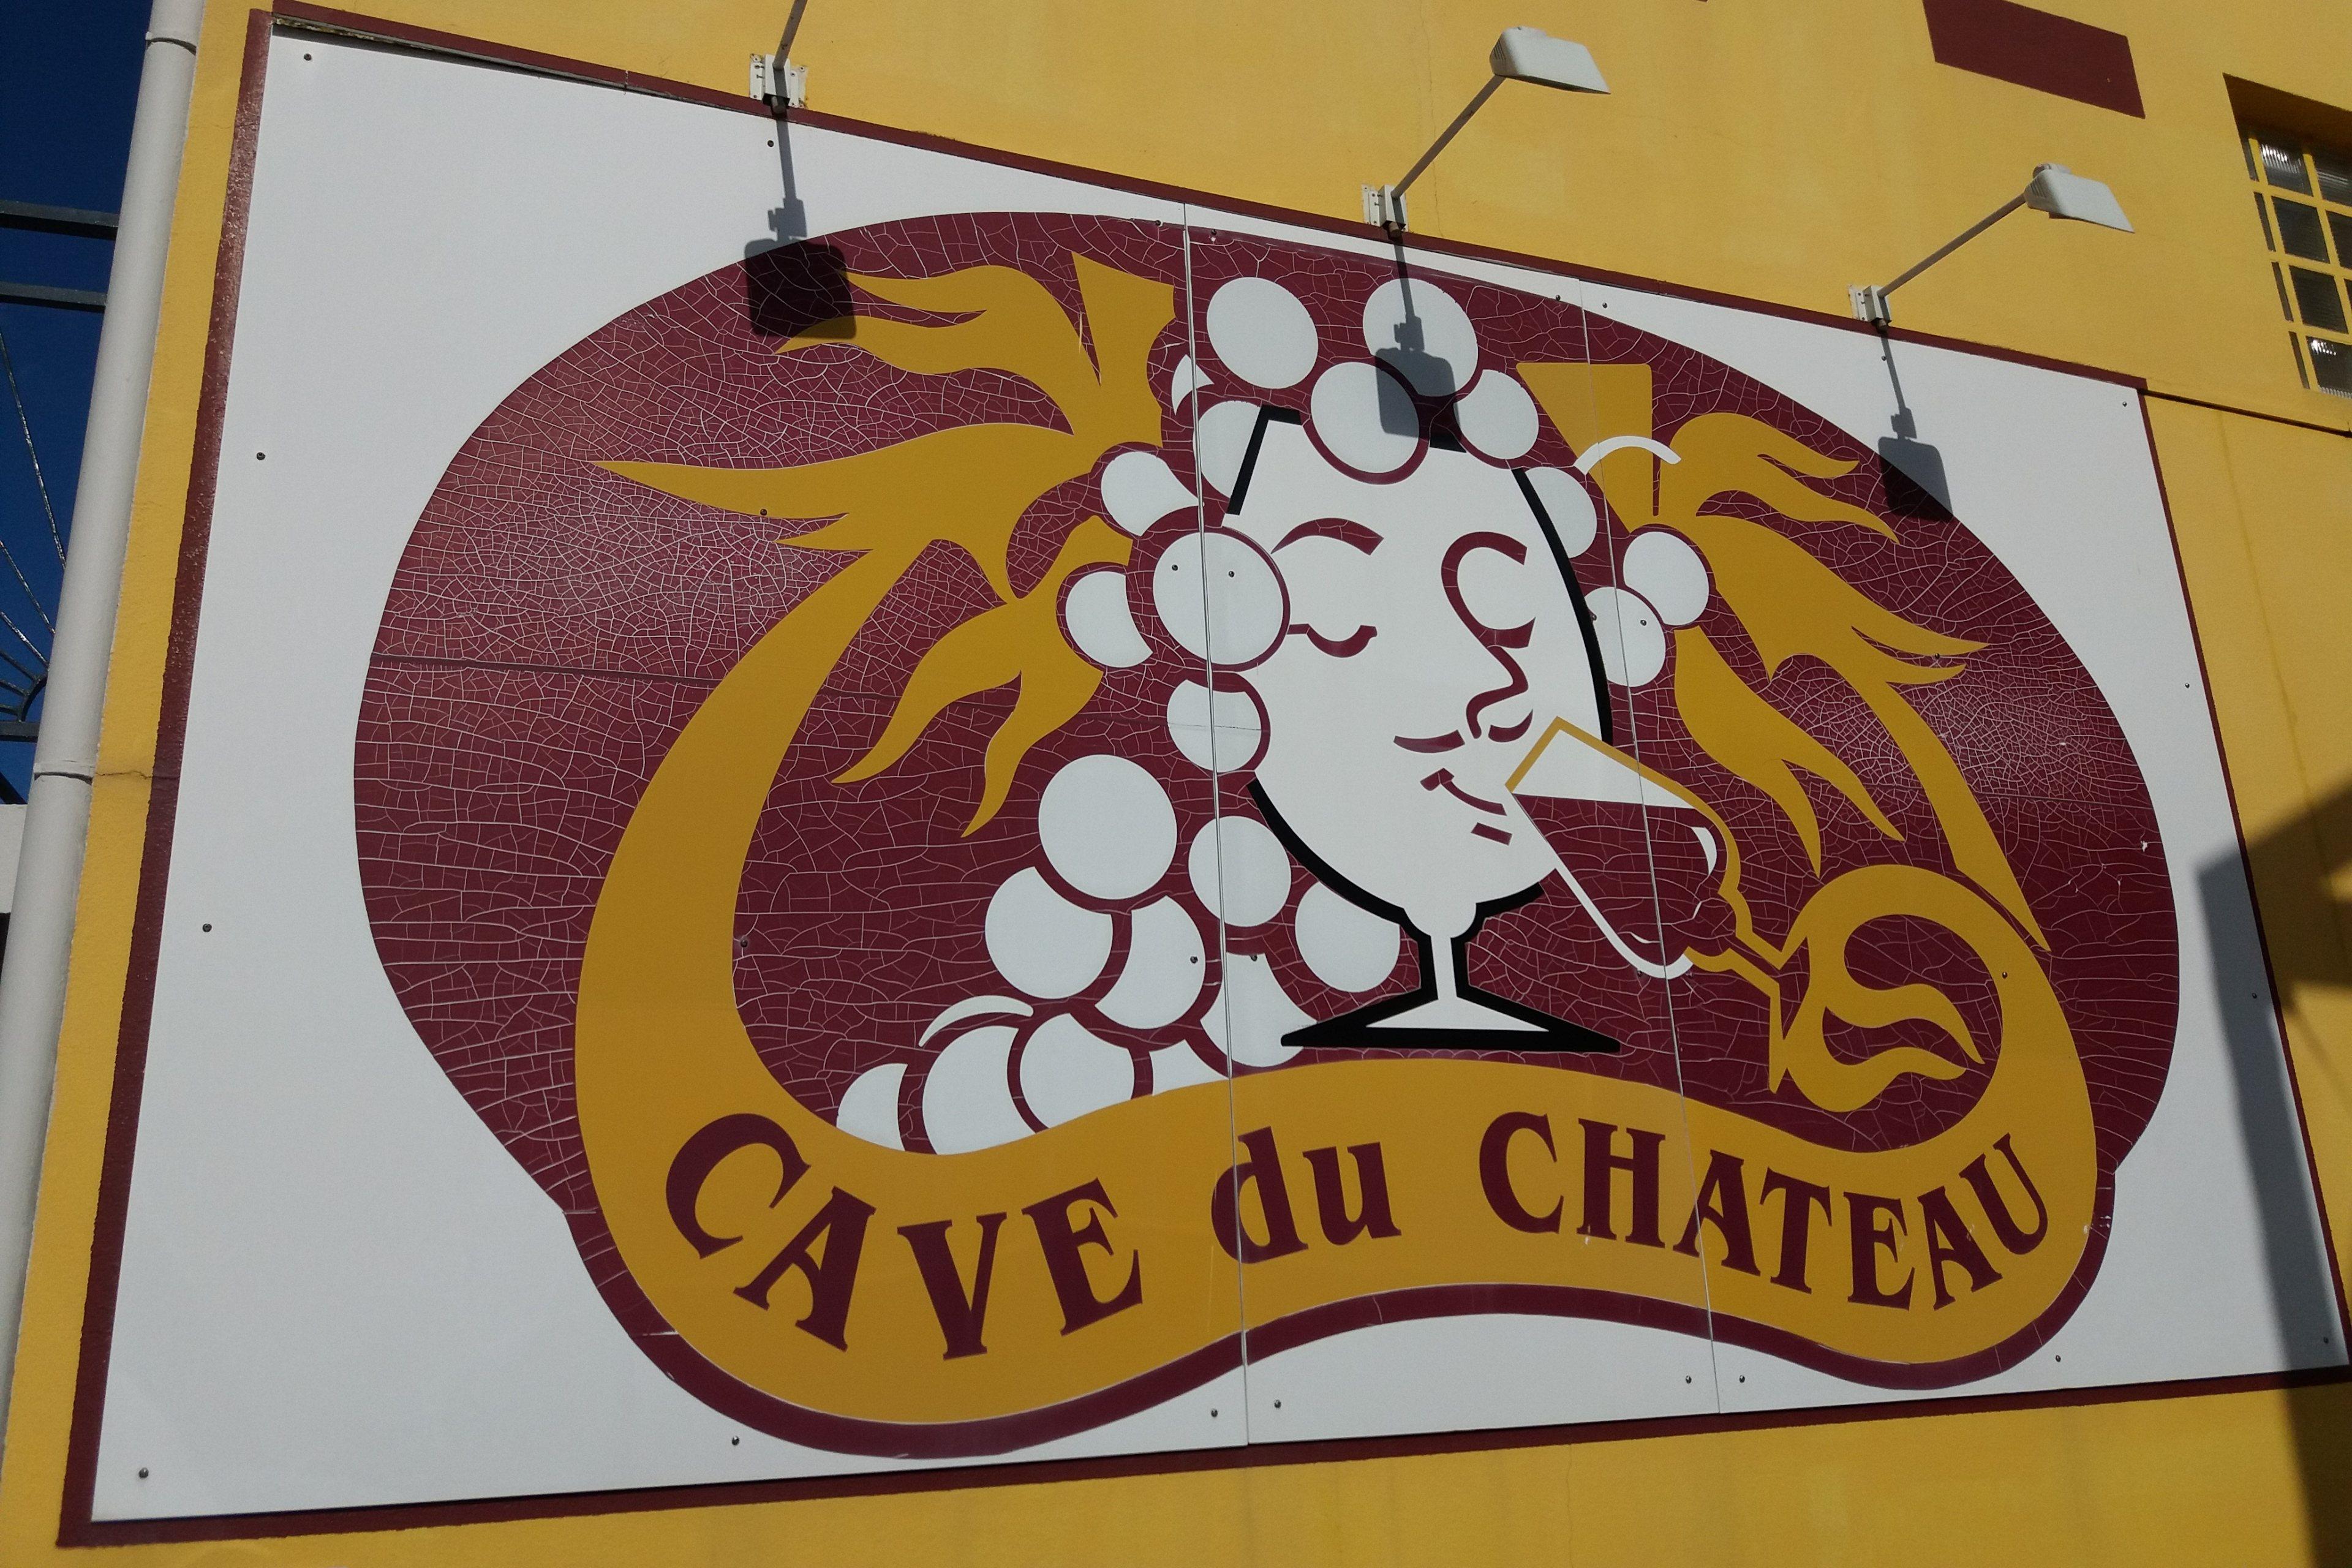 Cave du Château, 85180 Château d'Olonne image